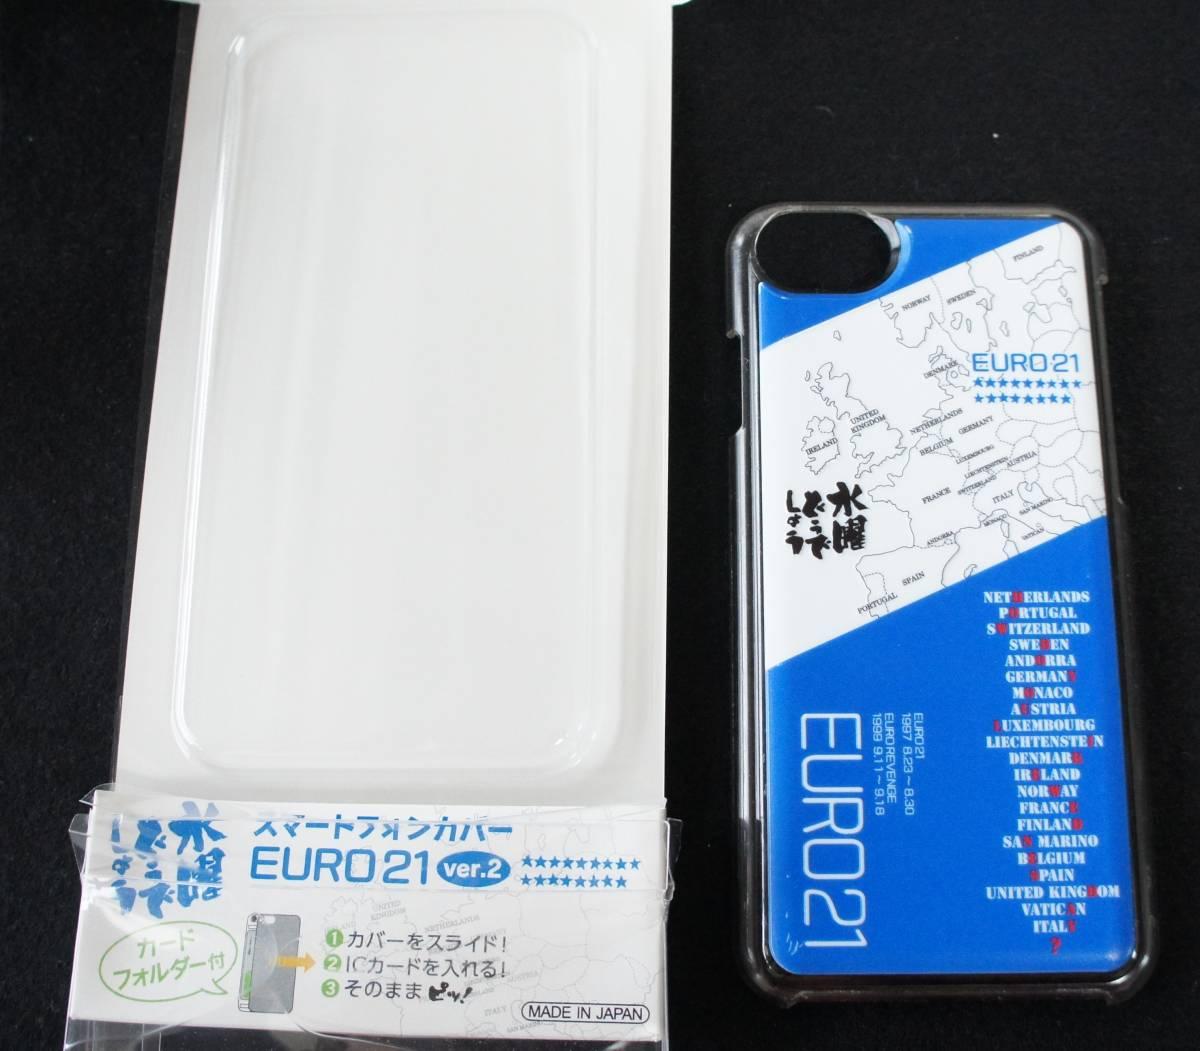 水曜どうでしょう★EURO21★スマートフォンカバー★iPhone7/6s/6用★美品